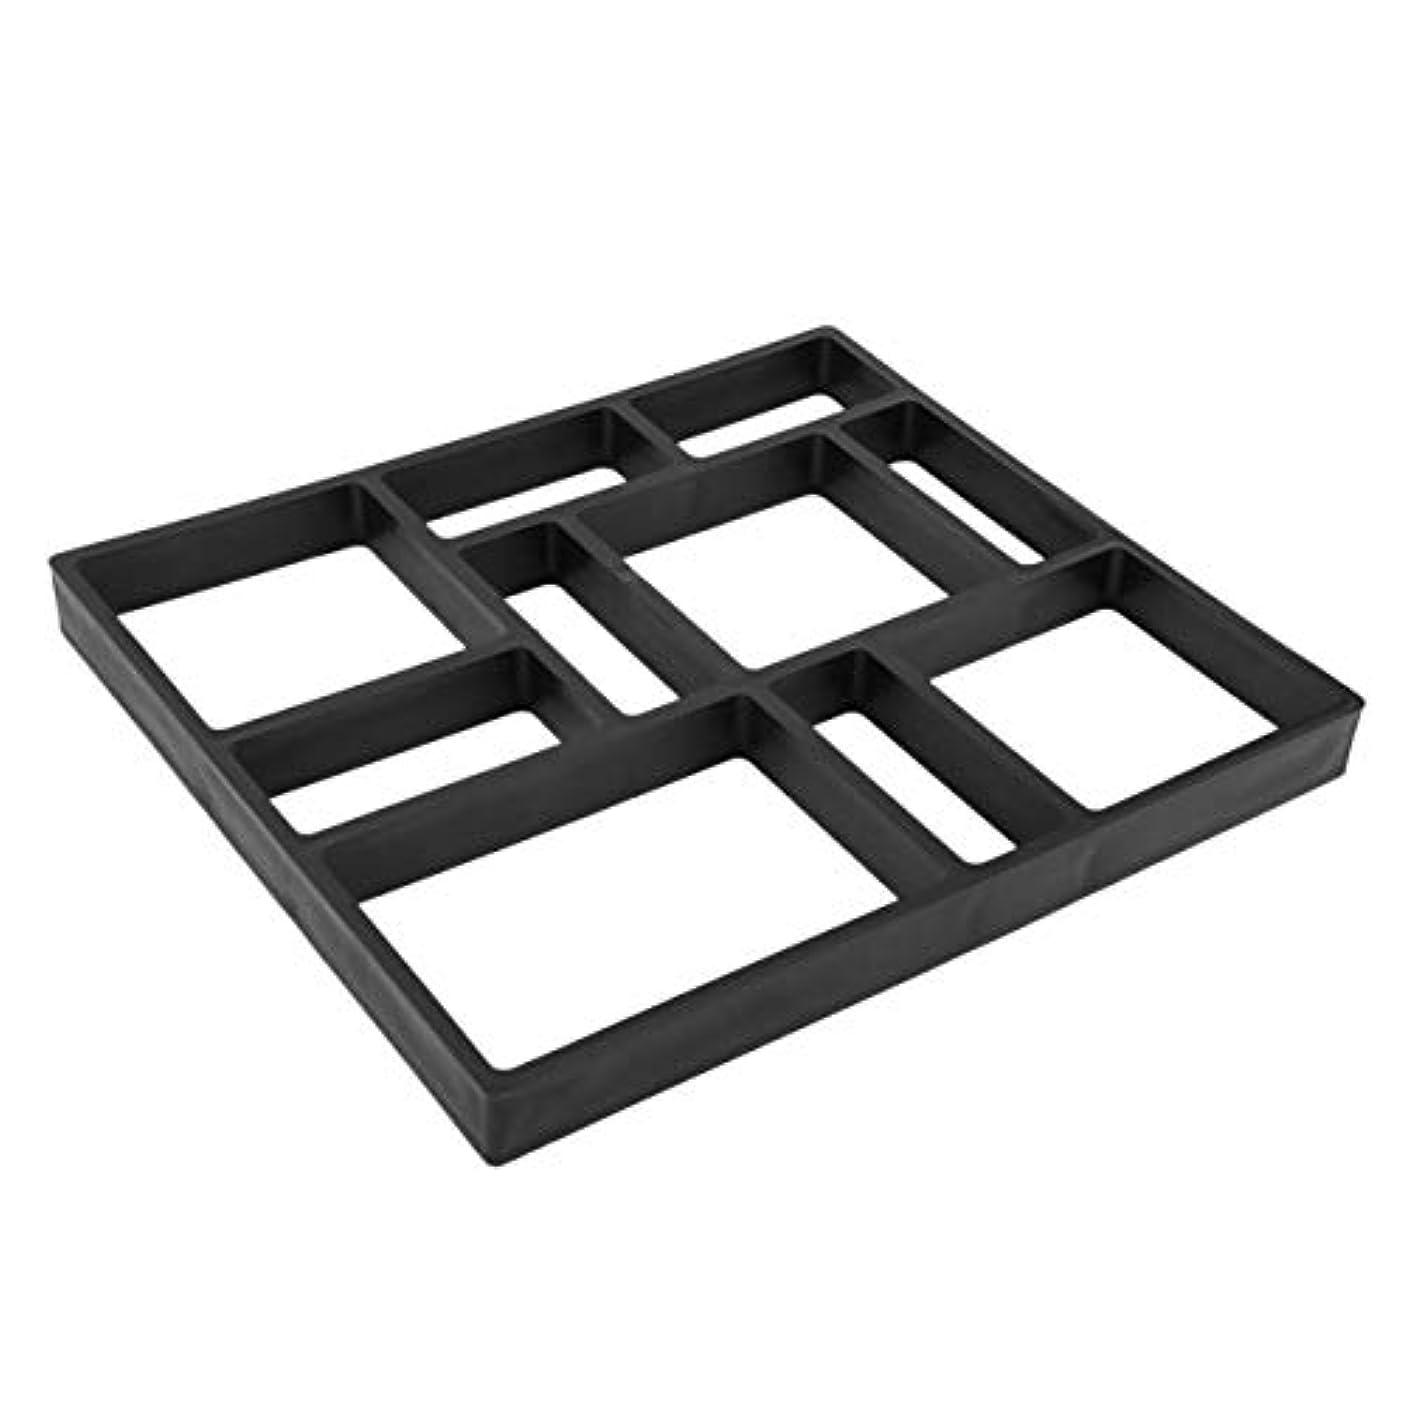 お父さん貴重な検証Saikogoods DIY不規則な/矩形パターンパーソナライズされた舗装のコンクリートレンガ石屋外装飾庭パスのメーカー芝生 黒